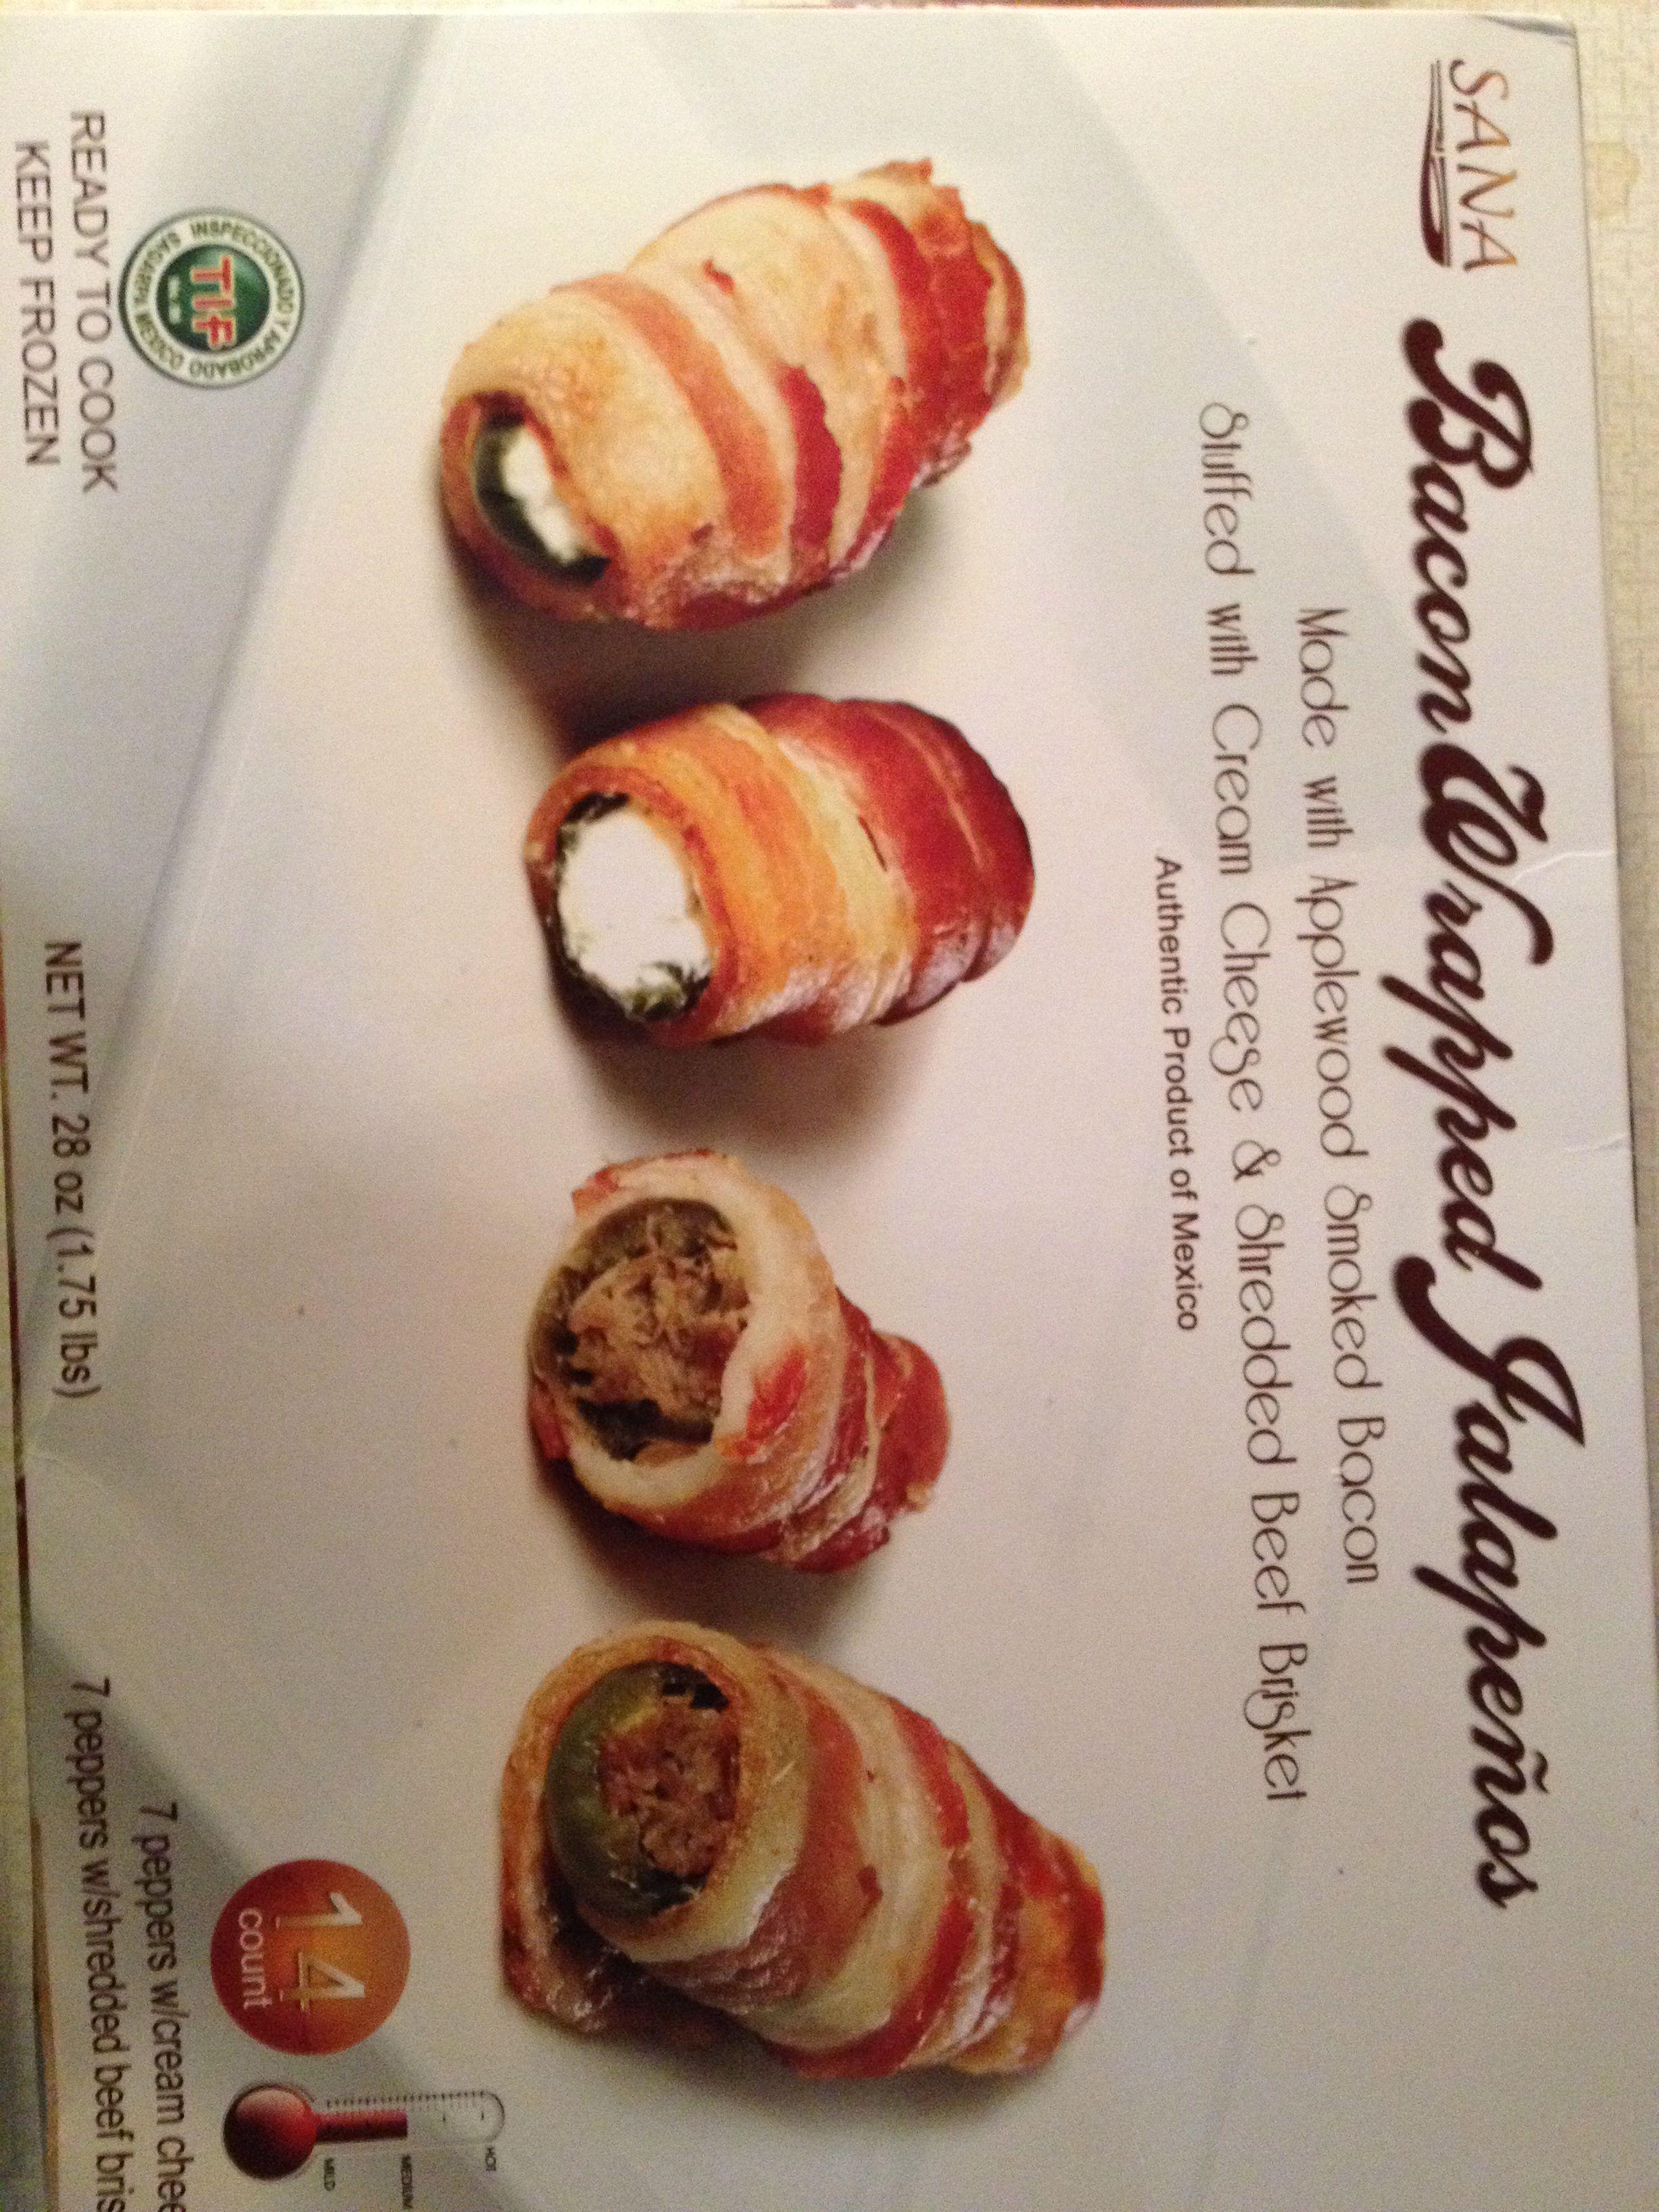 sugar free bacon costco